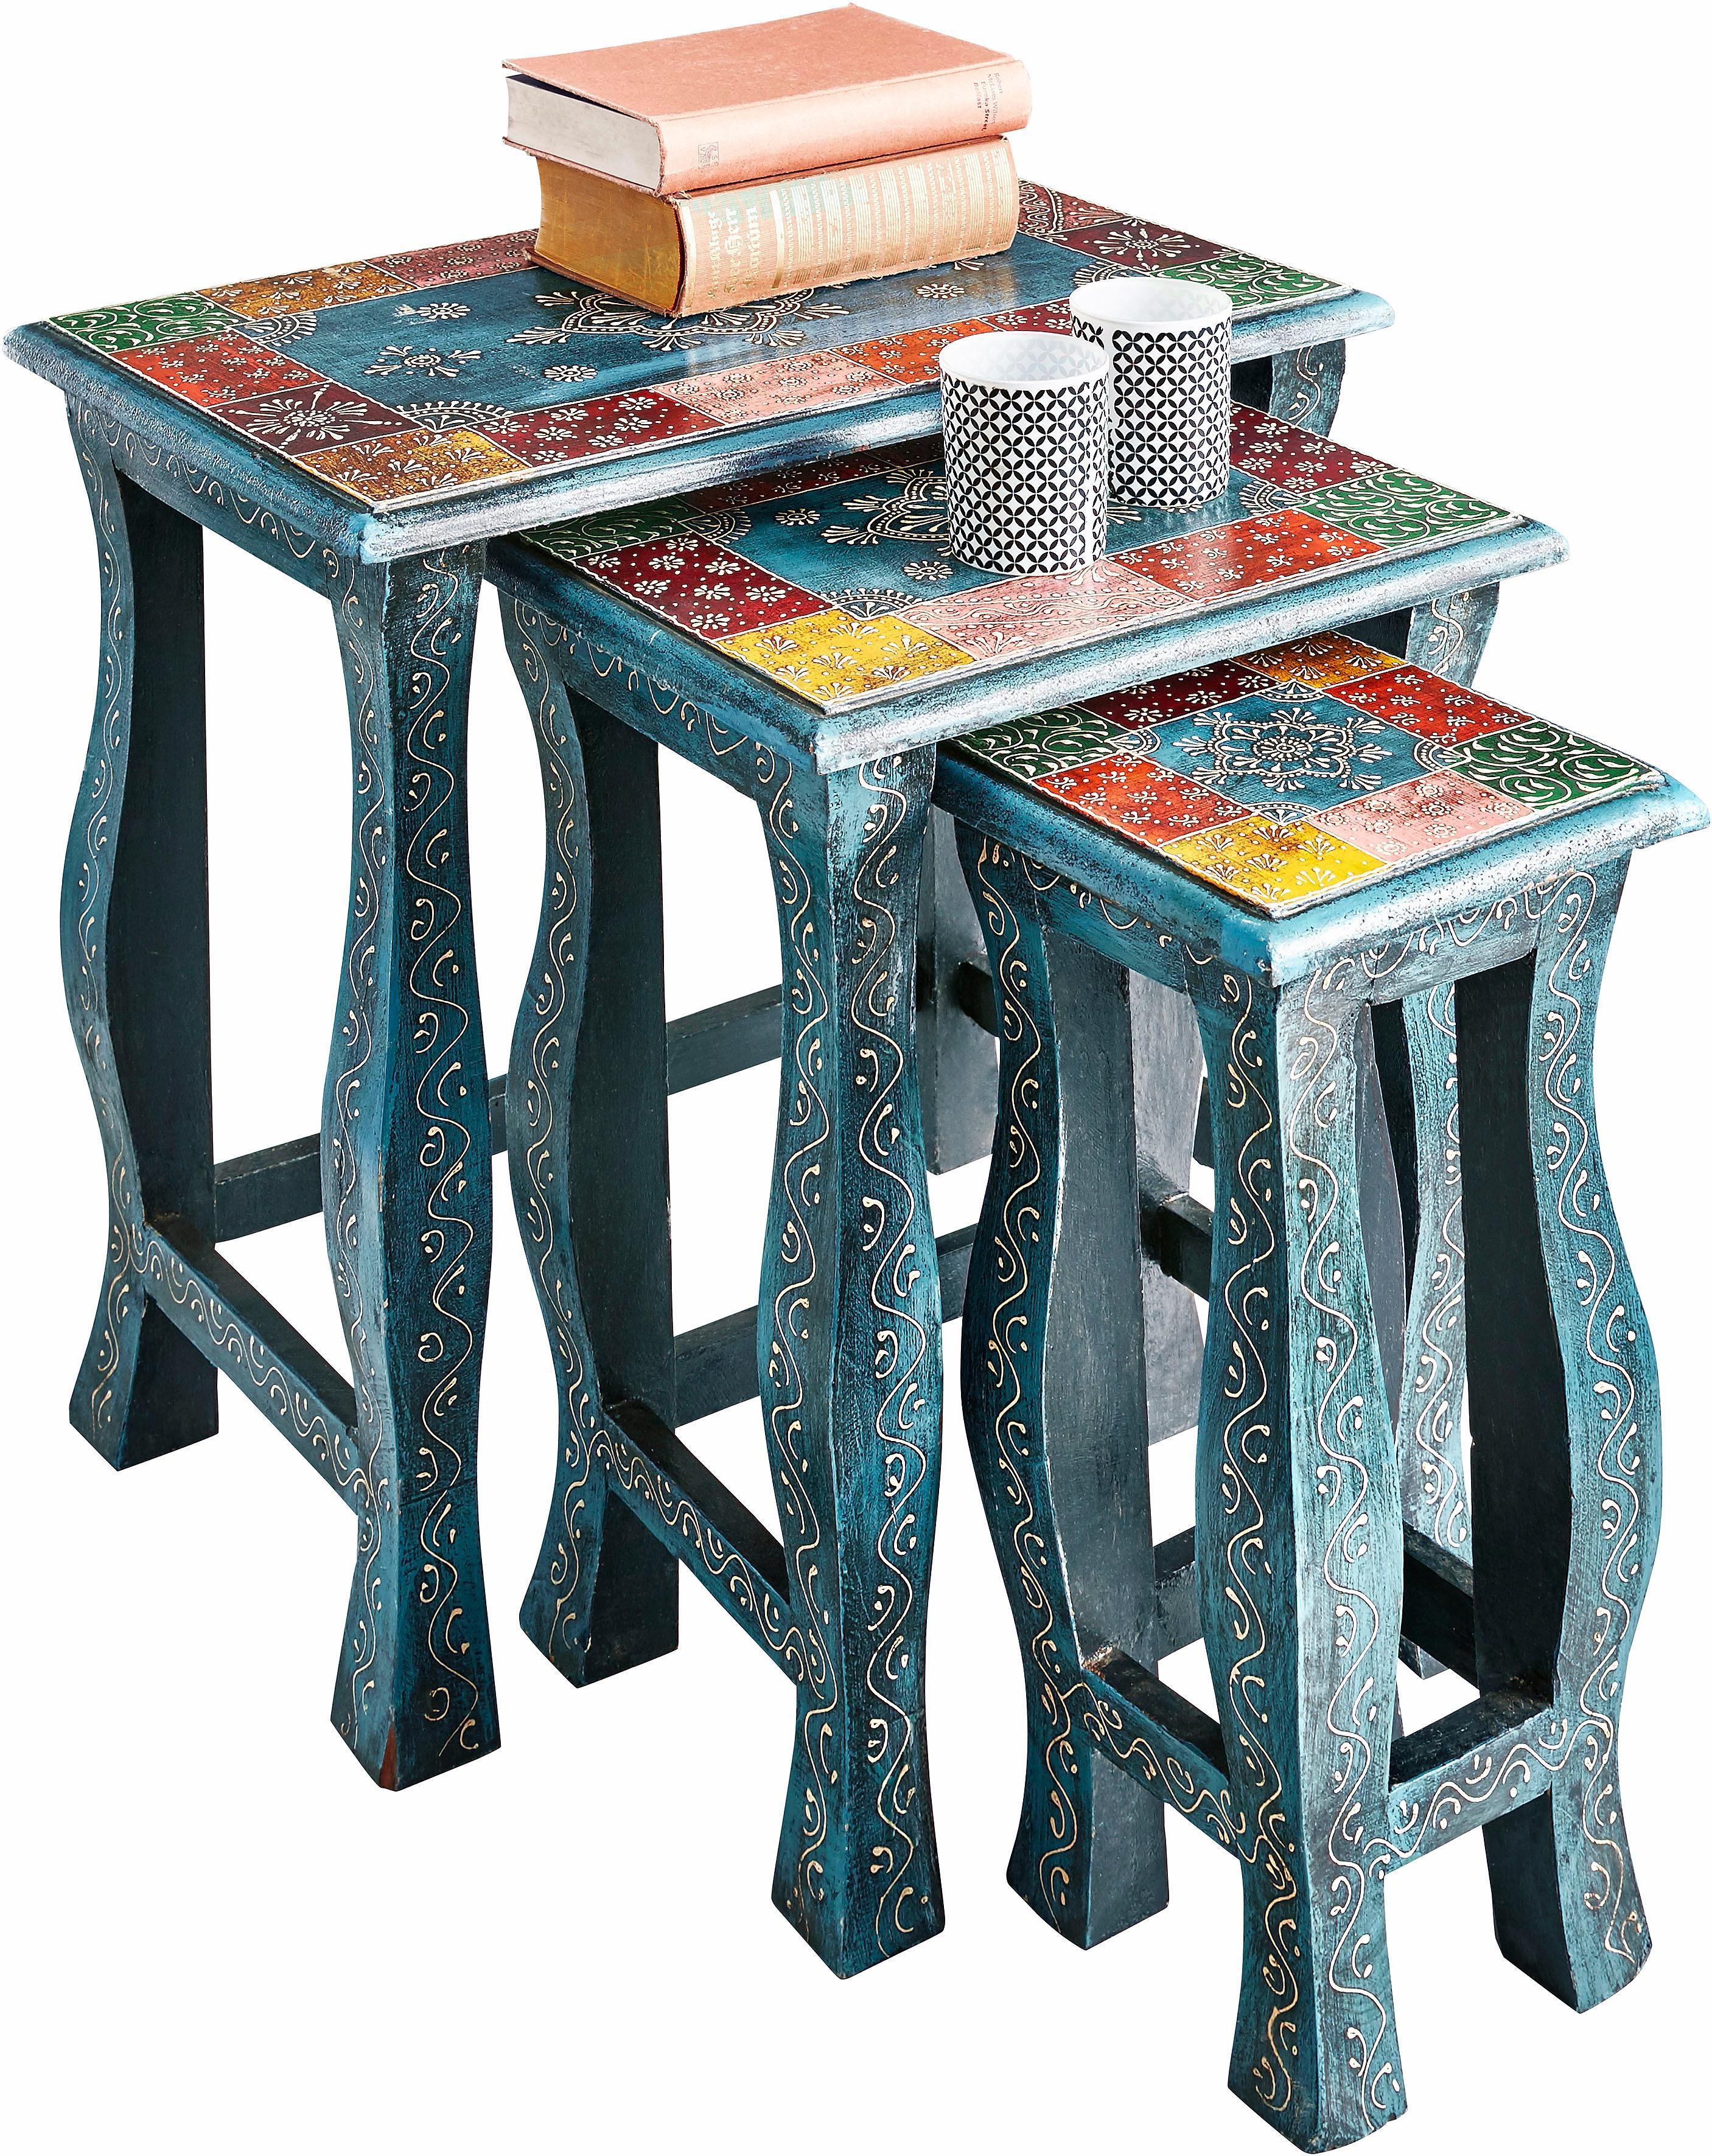 Home affaire Beistelltisch, (Set, 3 St.) blau Beistelltische Tische Beistelltisch